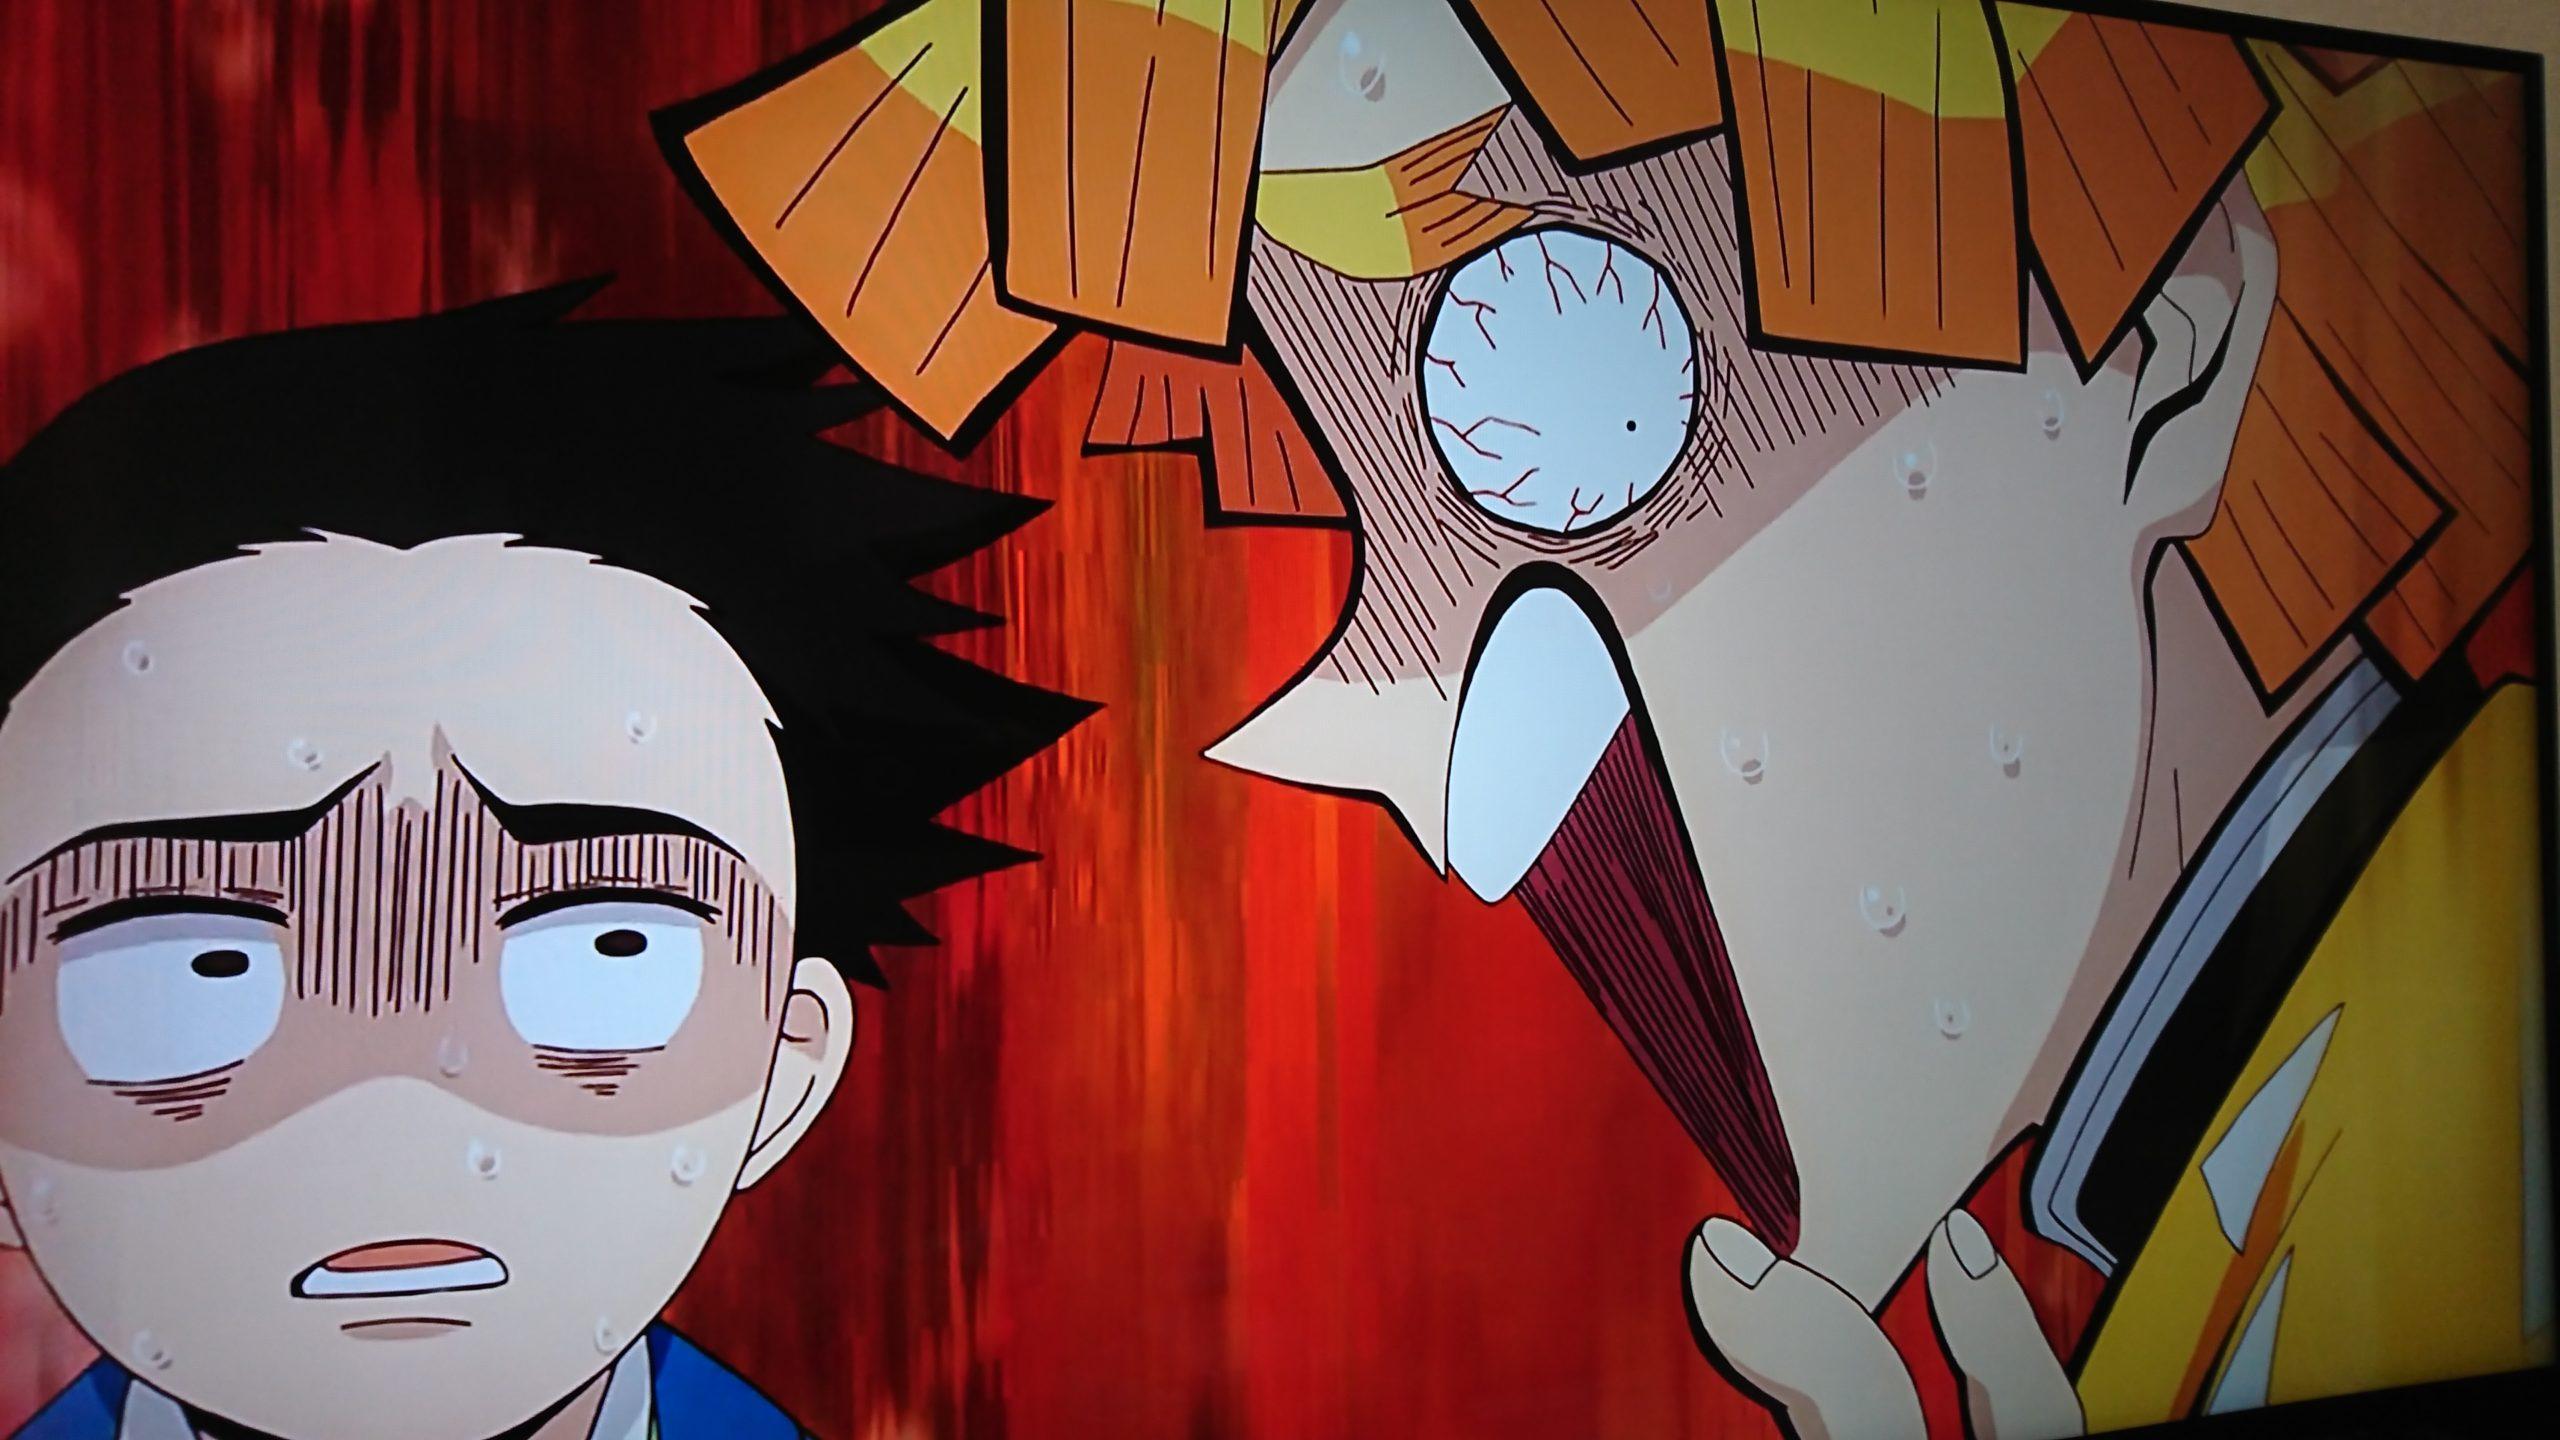 鬼滅の刃の映画はアニメ本編の続きらしいので、3日で見終えて映画観に行く。現在13話。